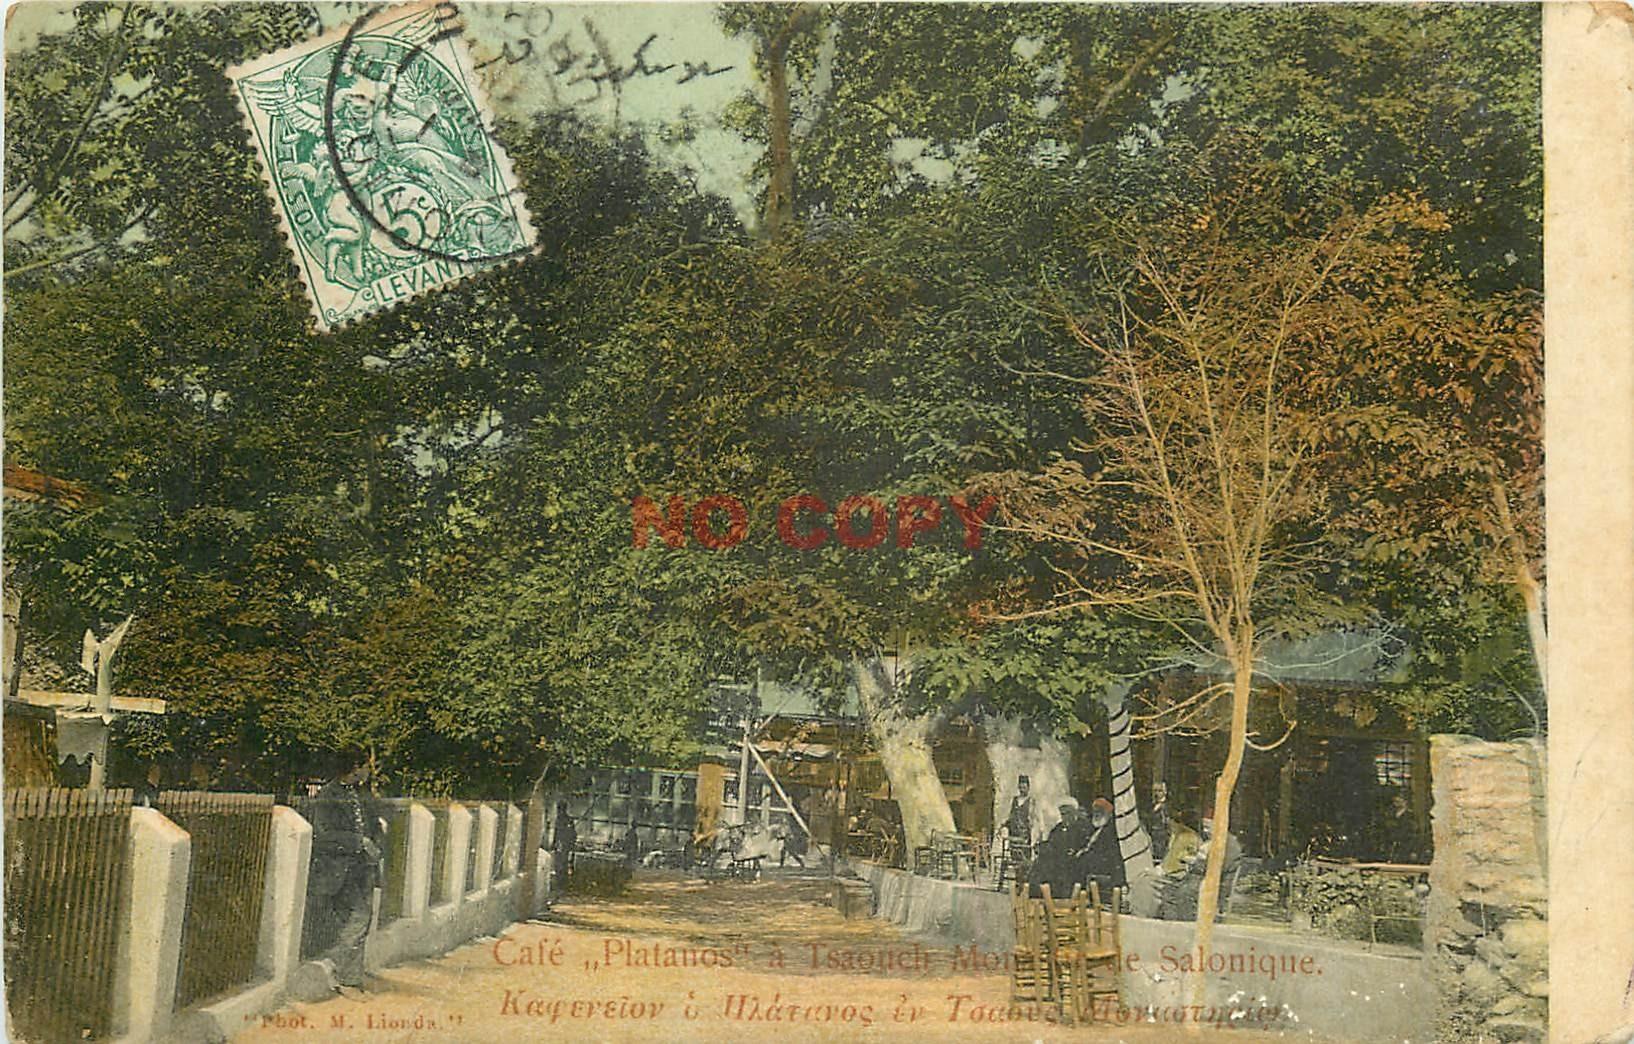 WW TURQUIE. Café Platanos à Tsaouch Monastir de Salonique 1911